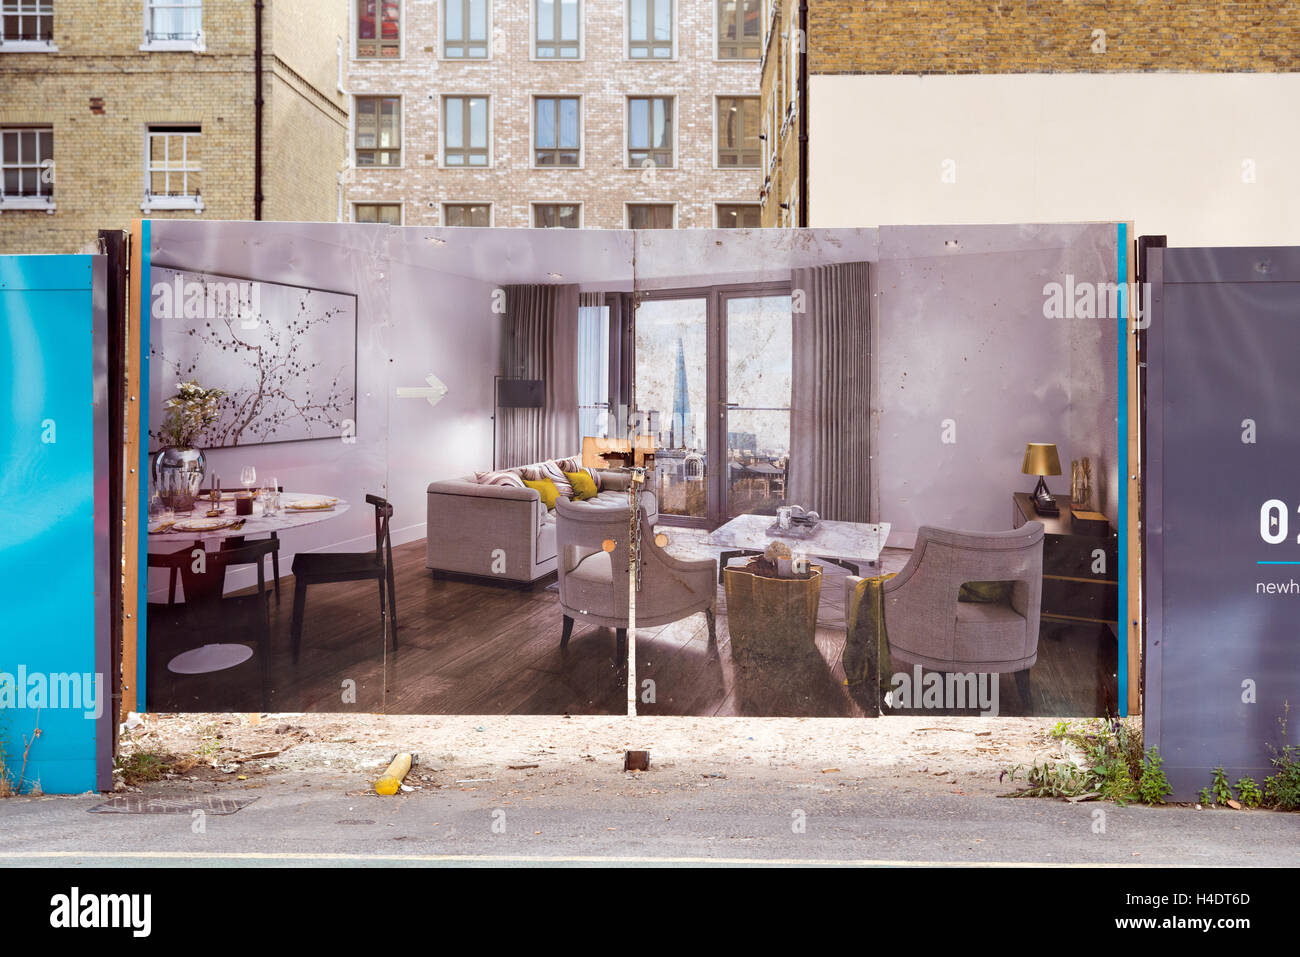 Build immagini build fotos stock alamy for Nuovi piani casa in inghilterra